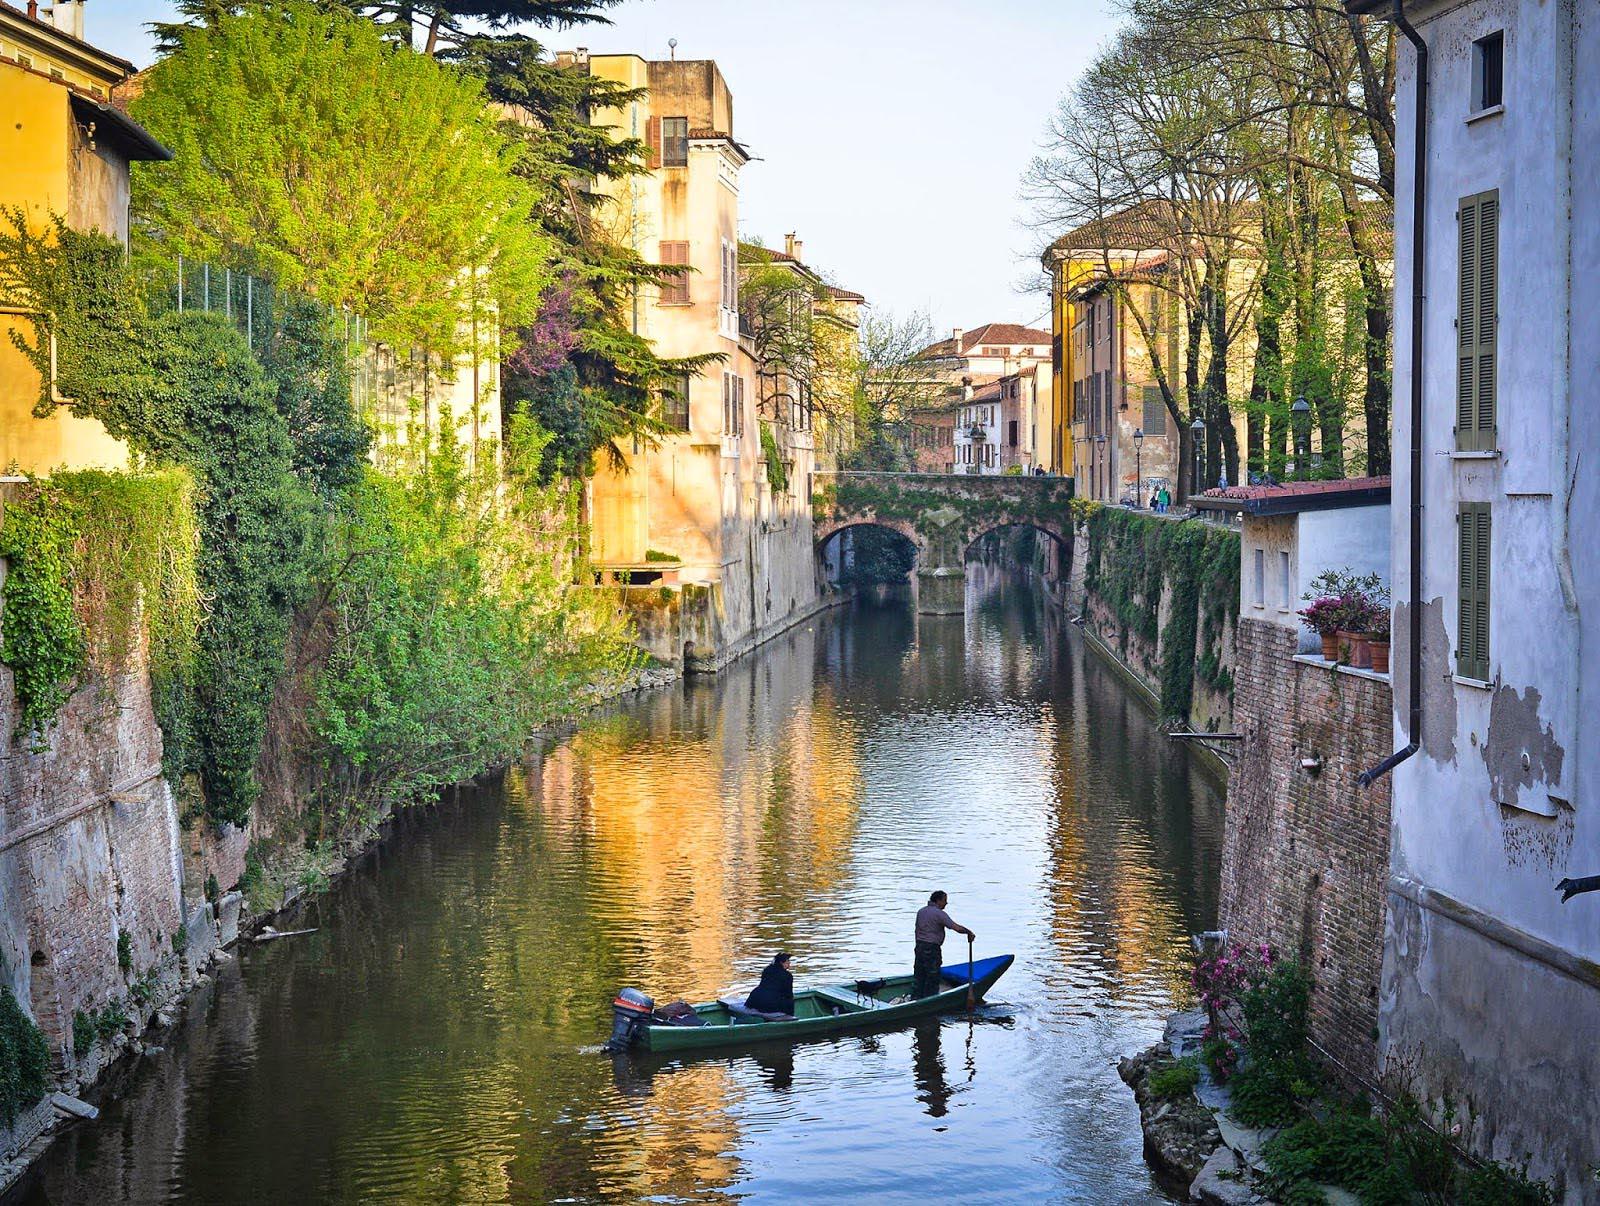 barche nel lungorio a Mantova